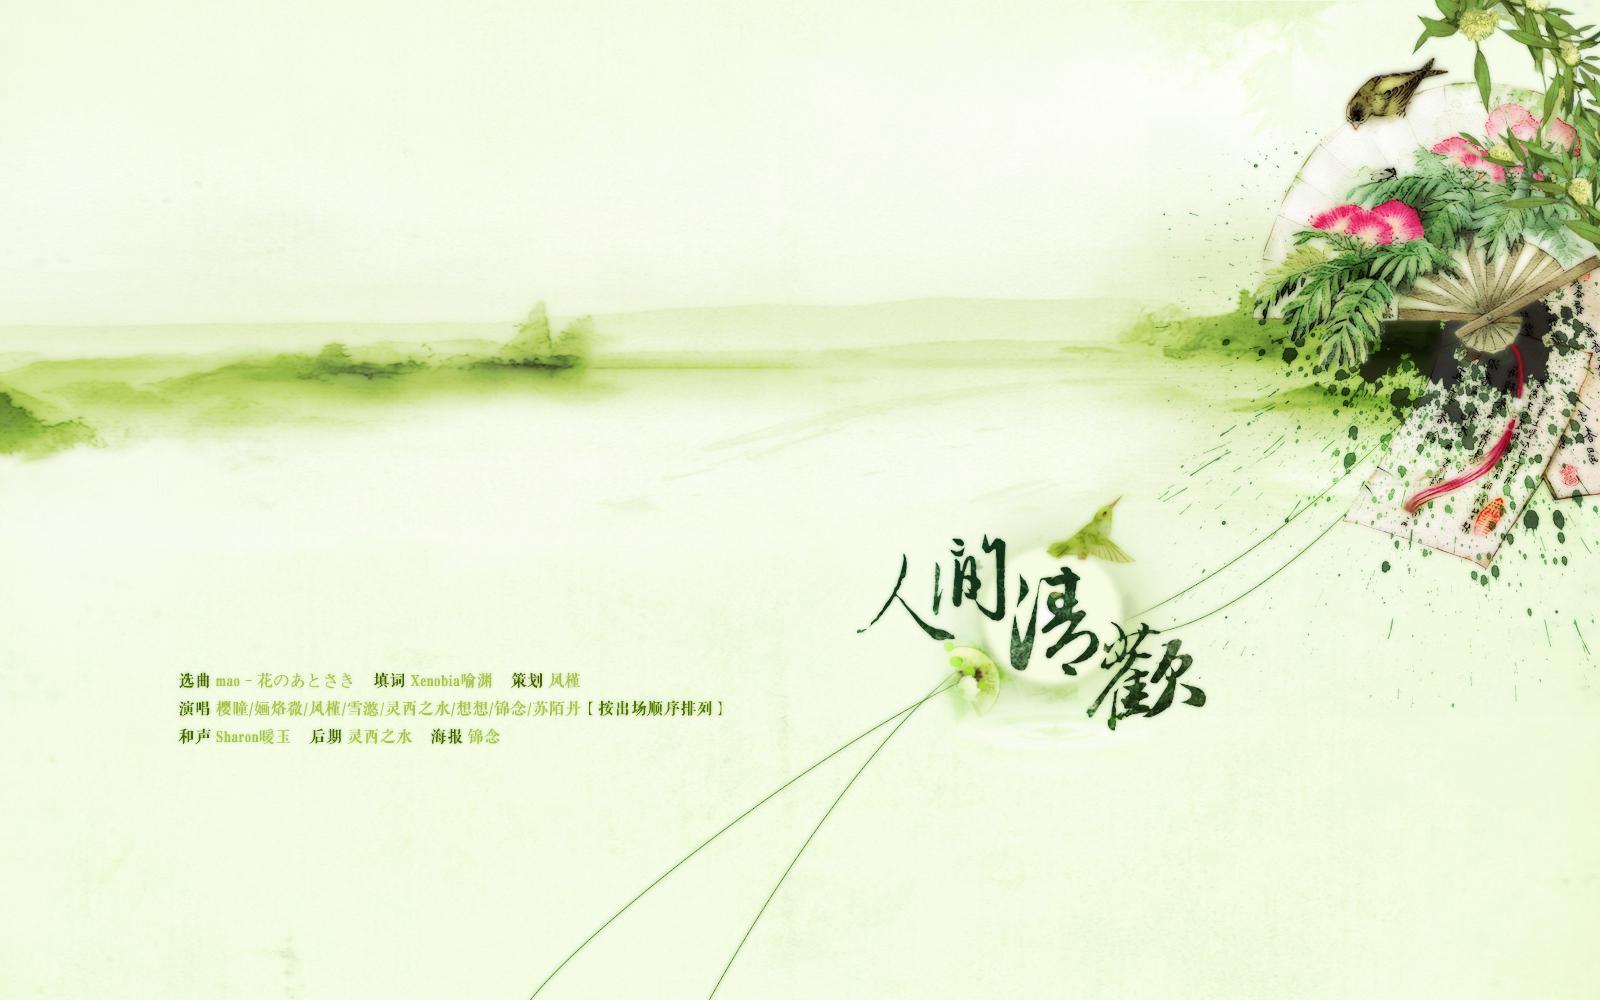 人间清欢(cover:sharon暖玉)